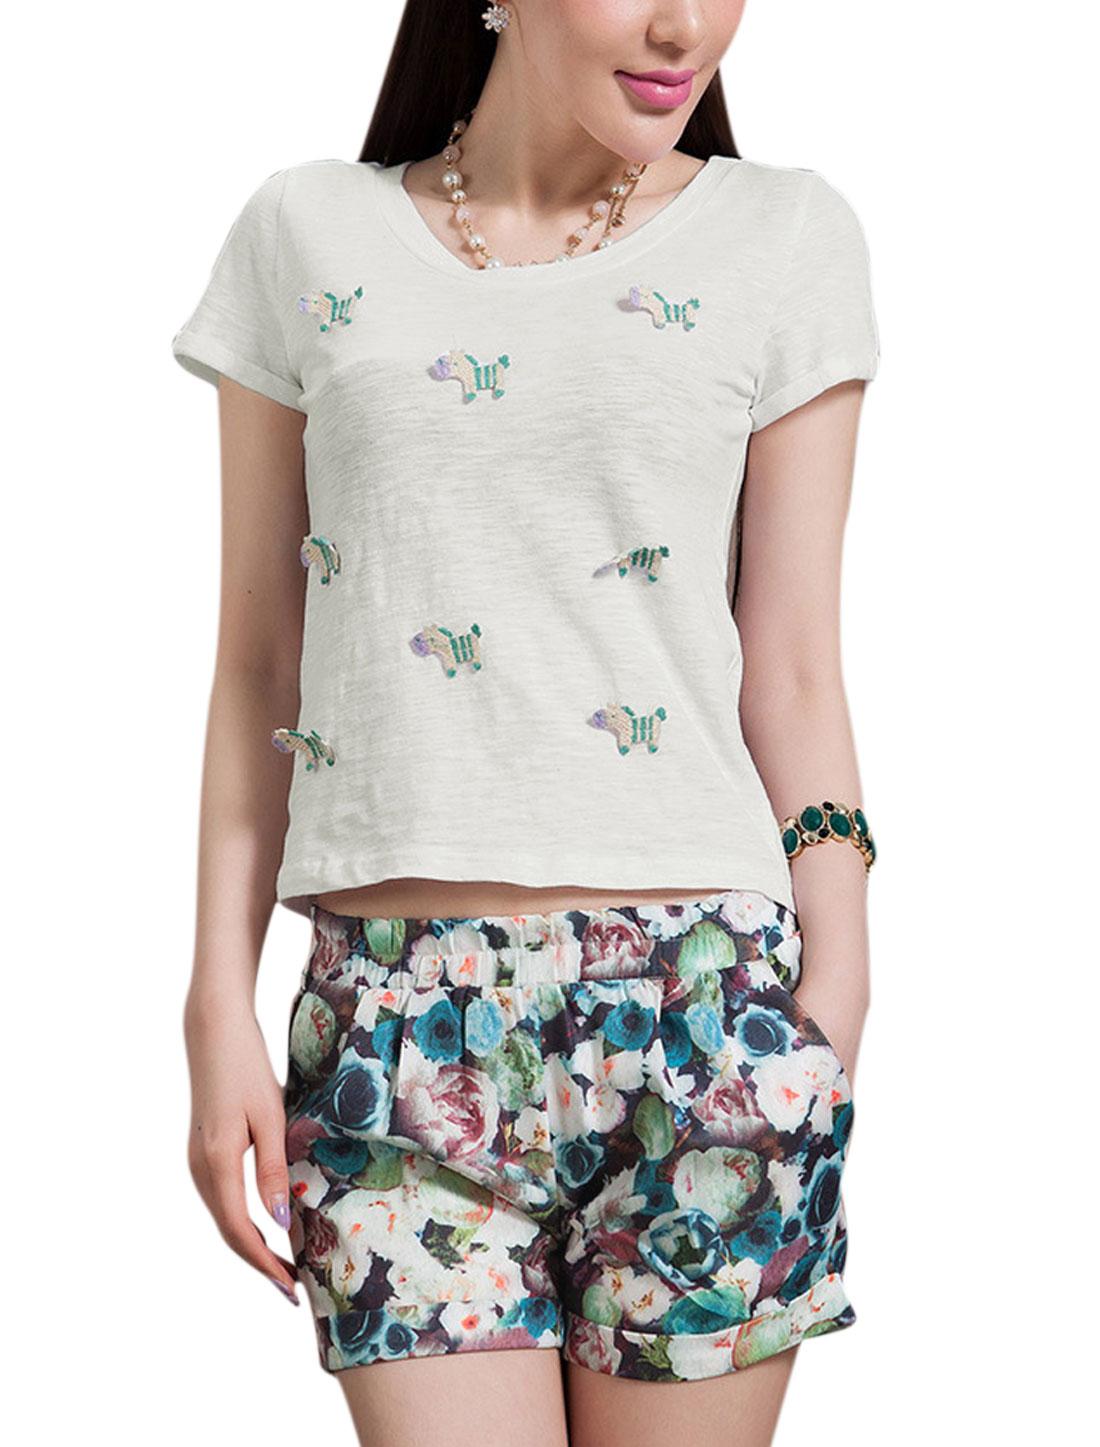 Women Floral Prints Multicolor Shorts w Horse Applique White Top XS